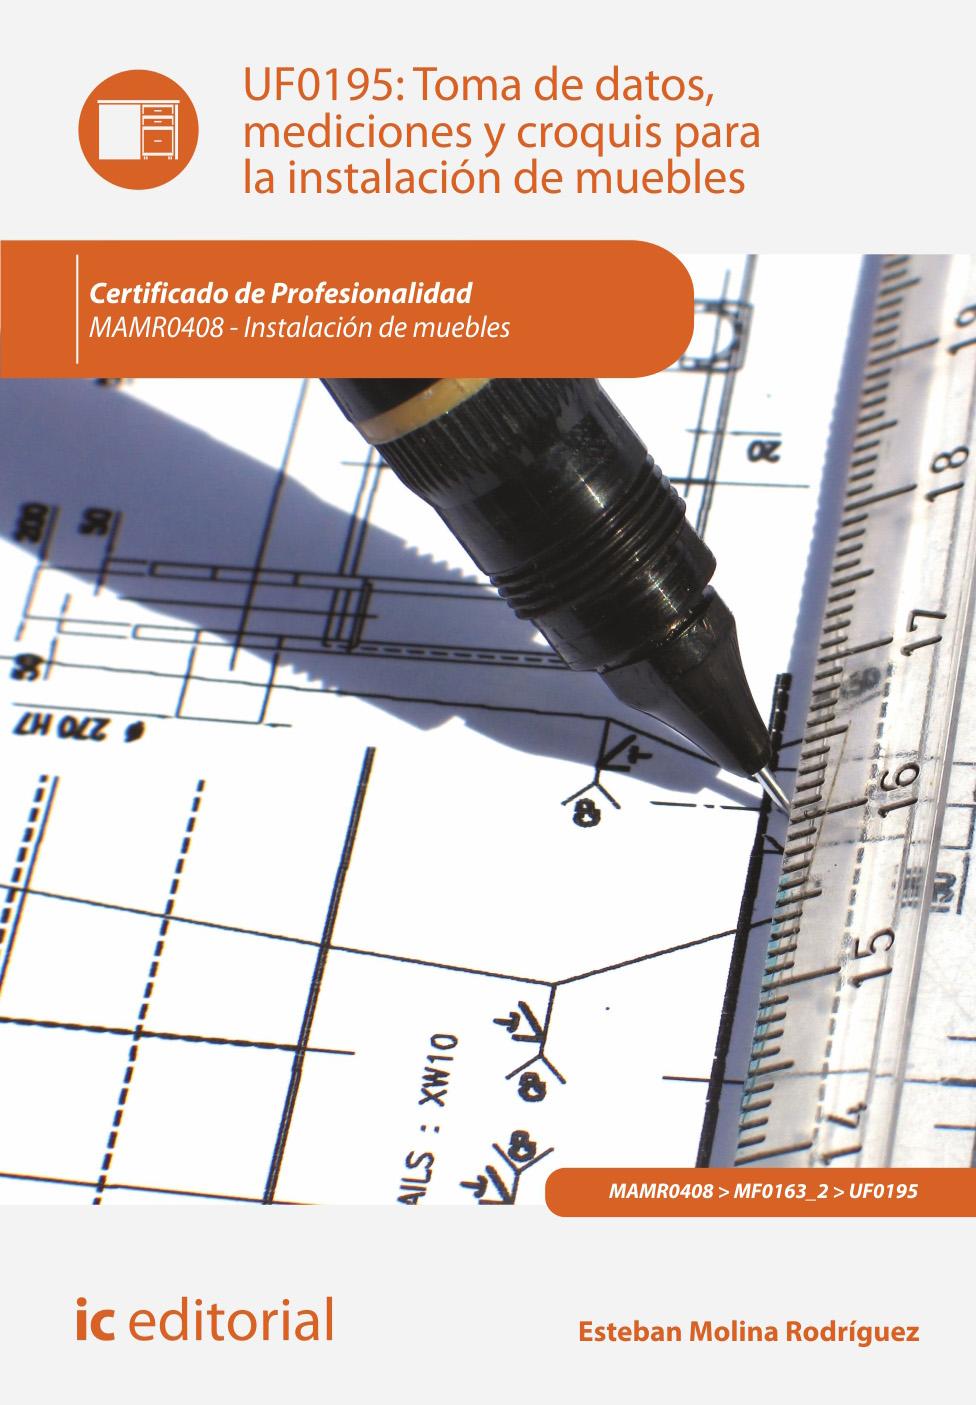 UF0195 procesos de corte y preparación de bordes. fmec0210 - soldadura oxigás y soldadura mig/mag